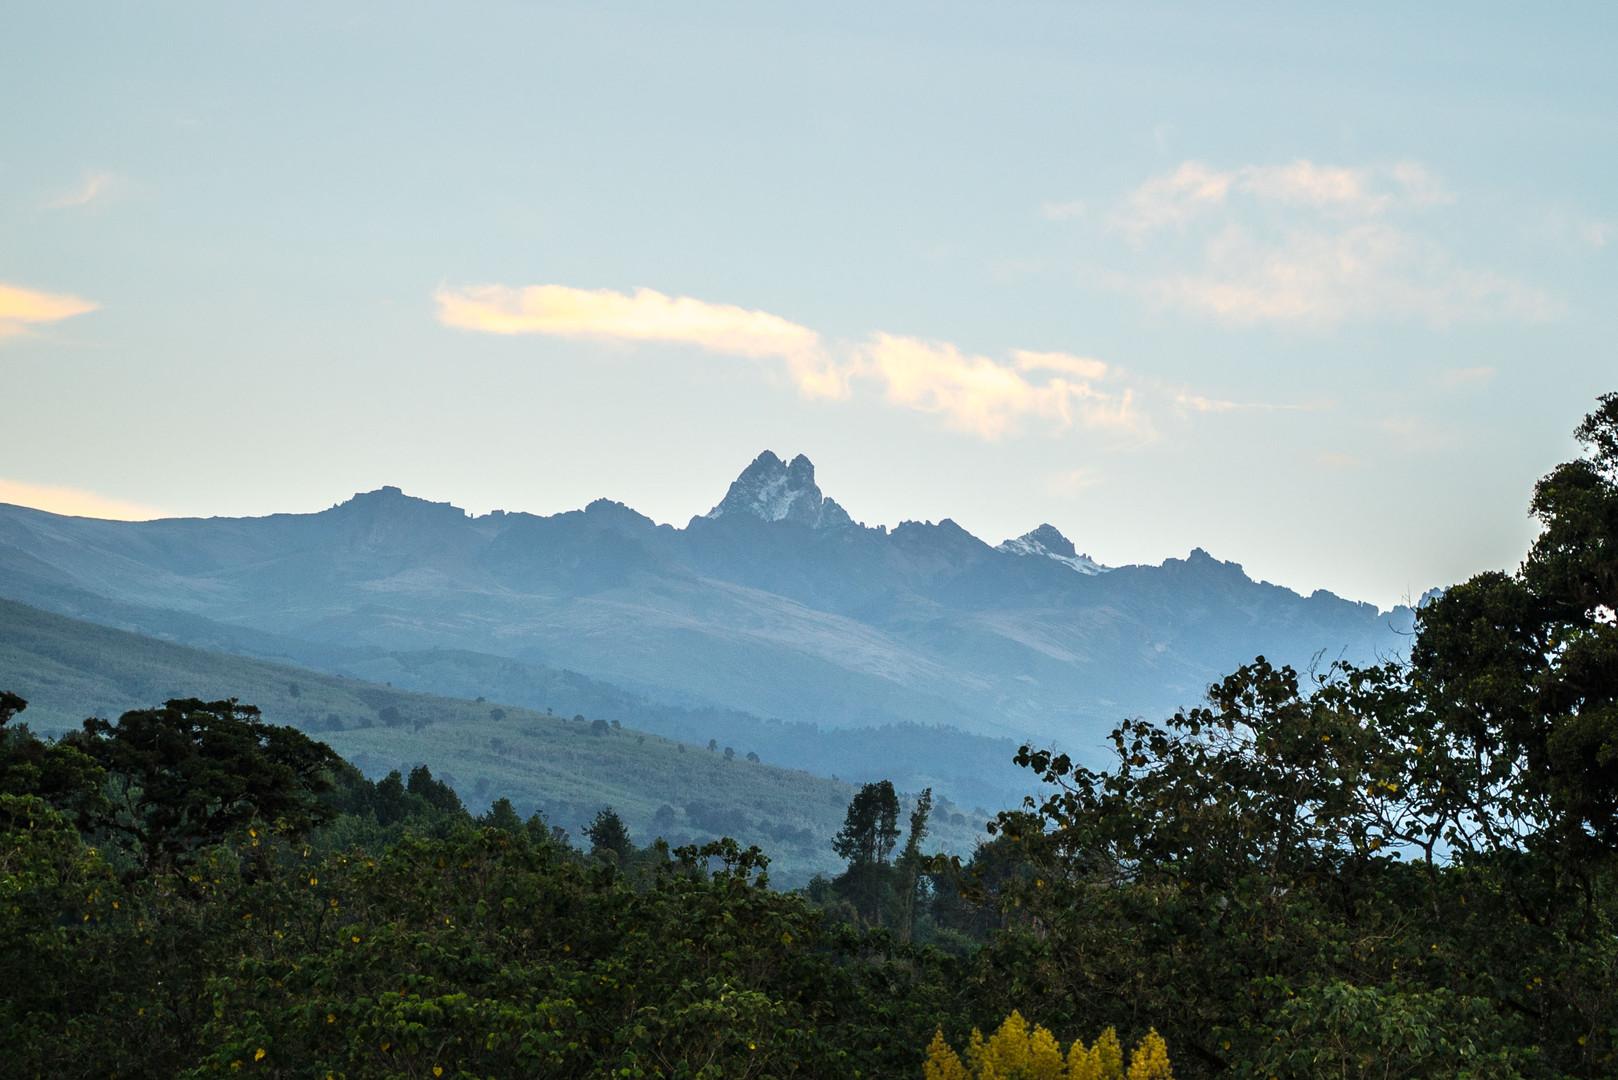 Mount-Kenya-by-Yuri-YabiDSC00518-1.jpg